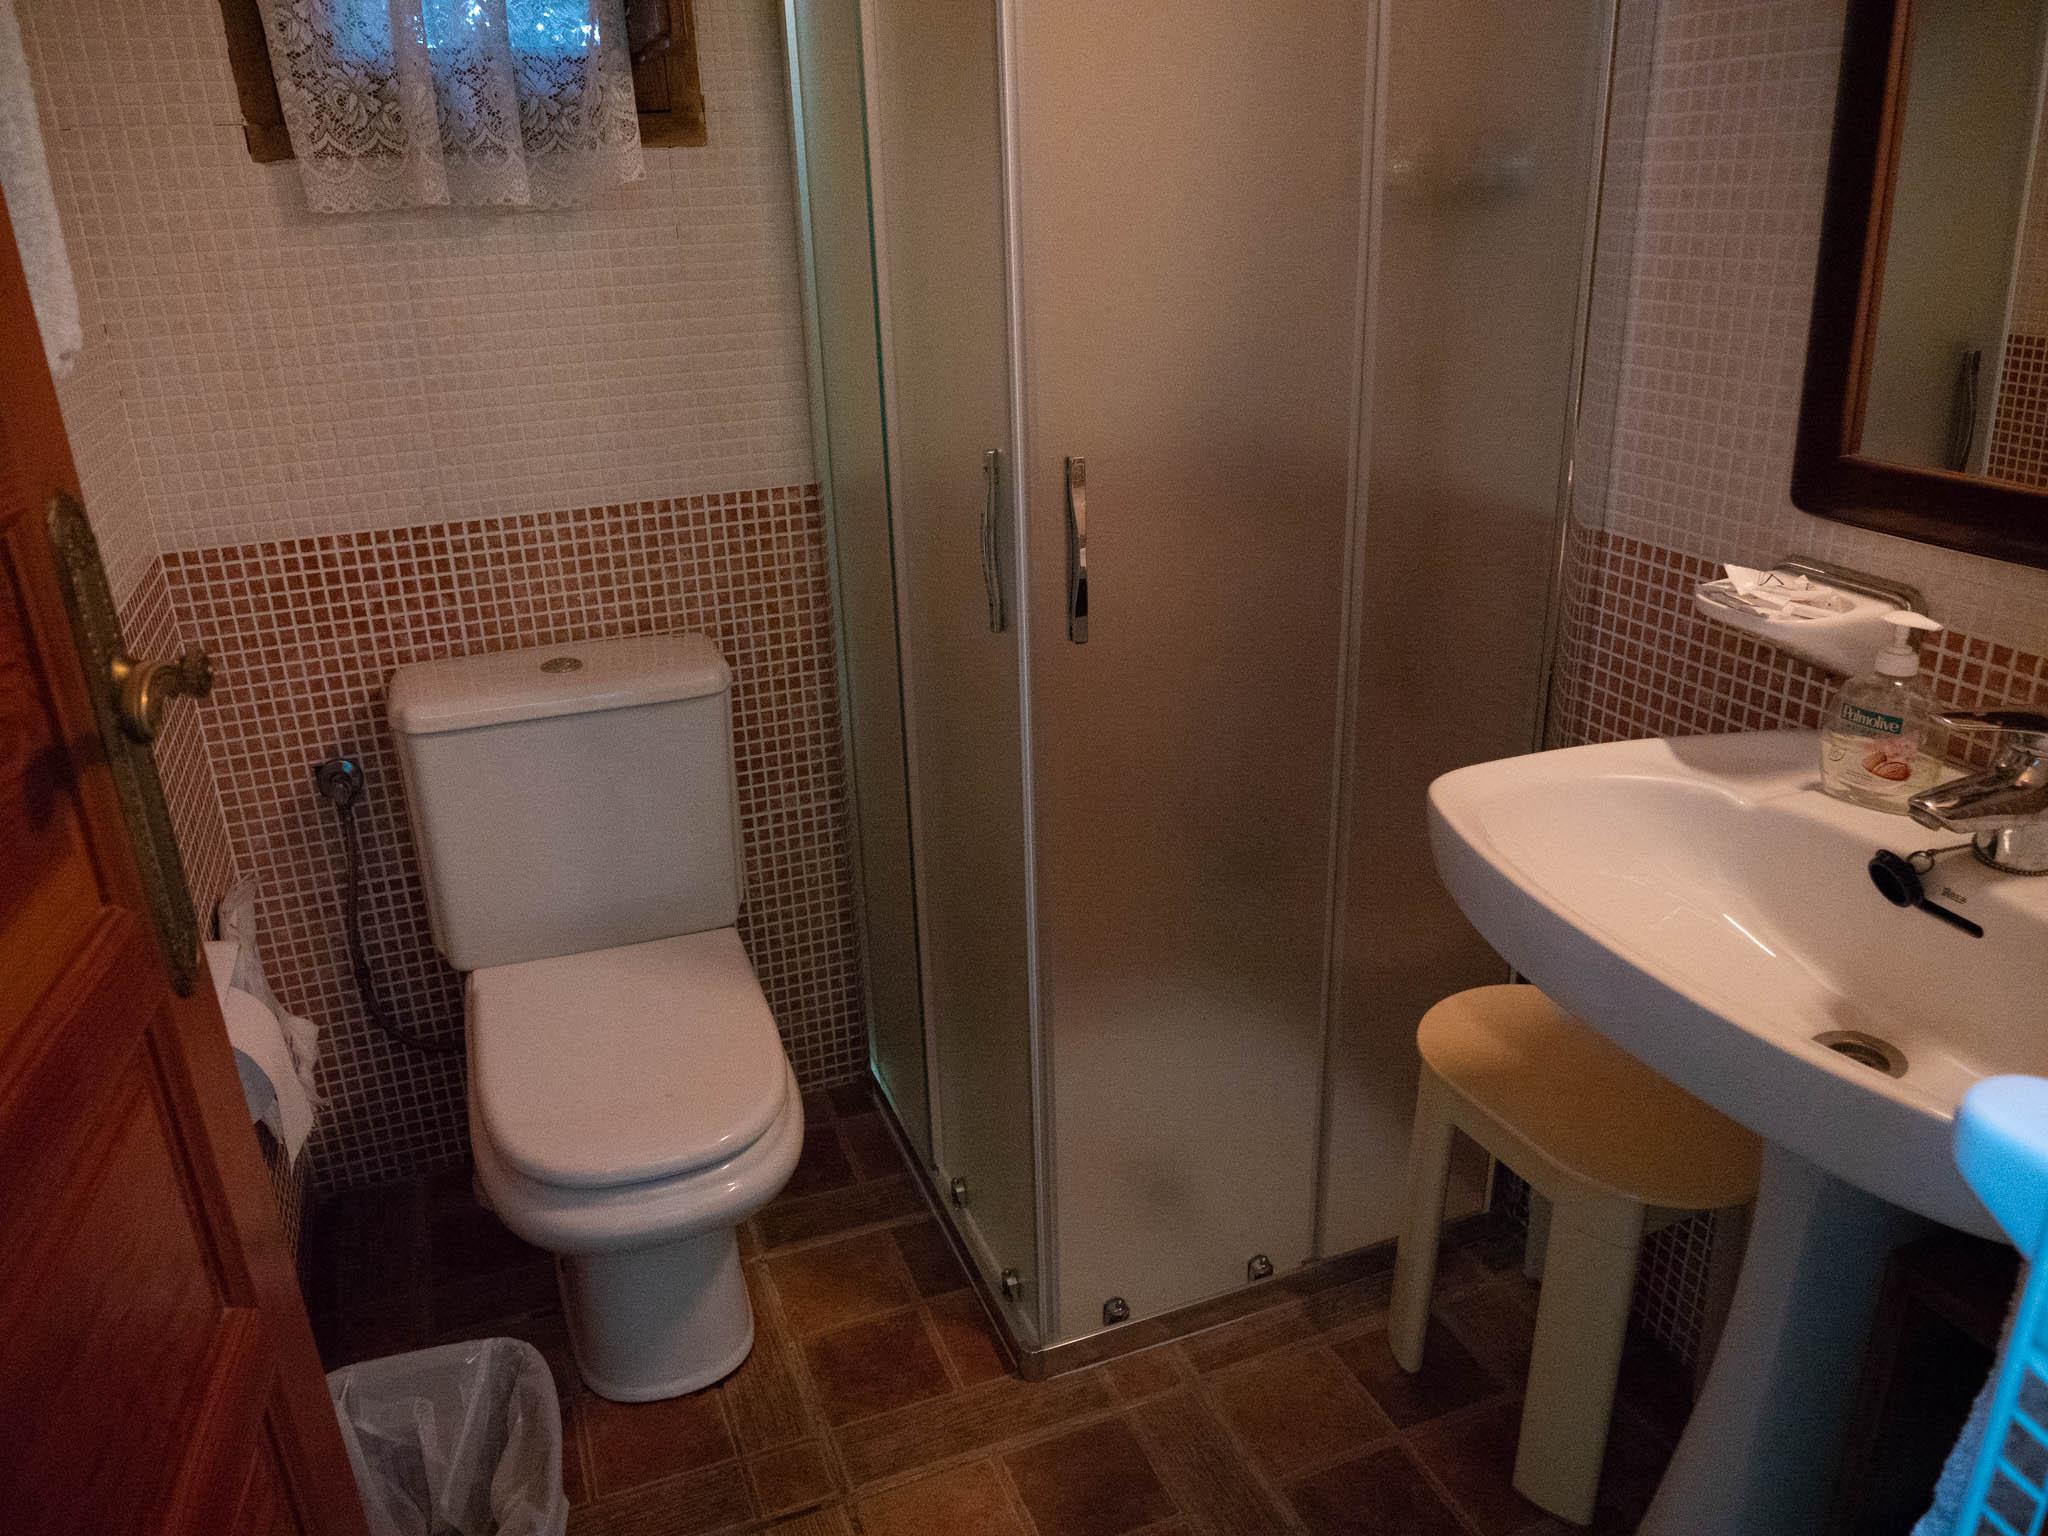 baño la cabaña 2 5